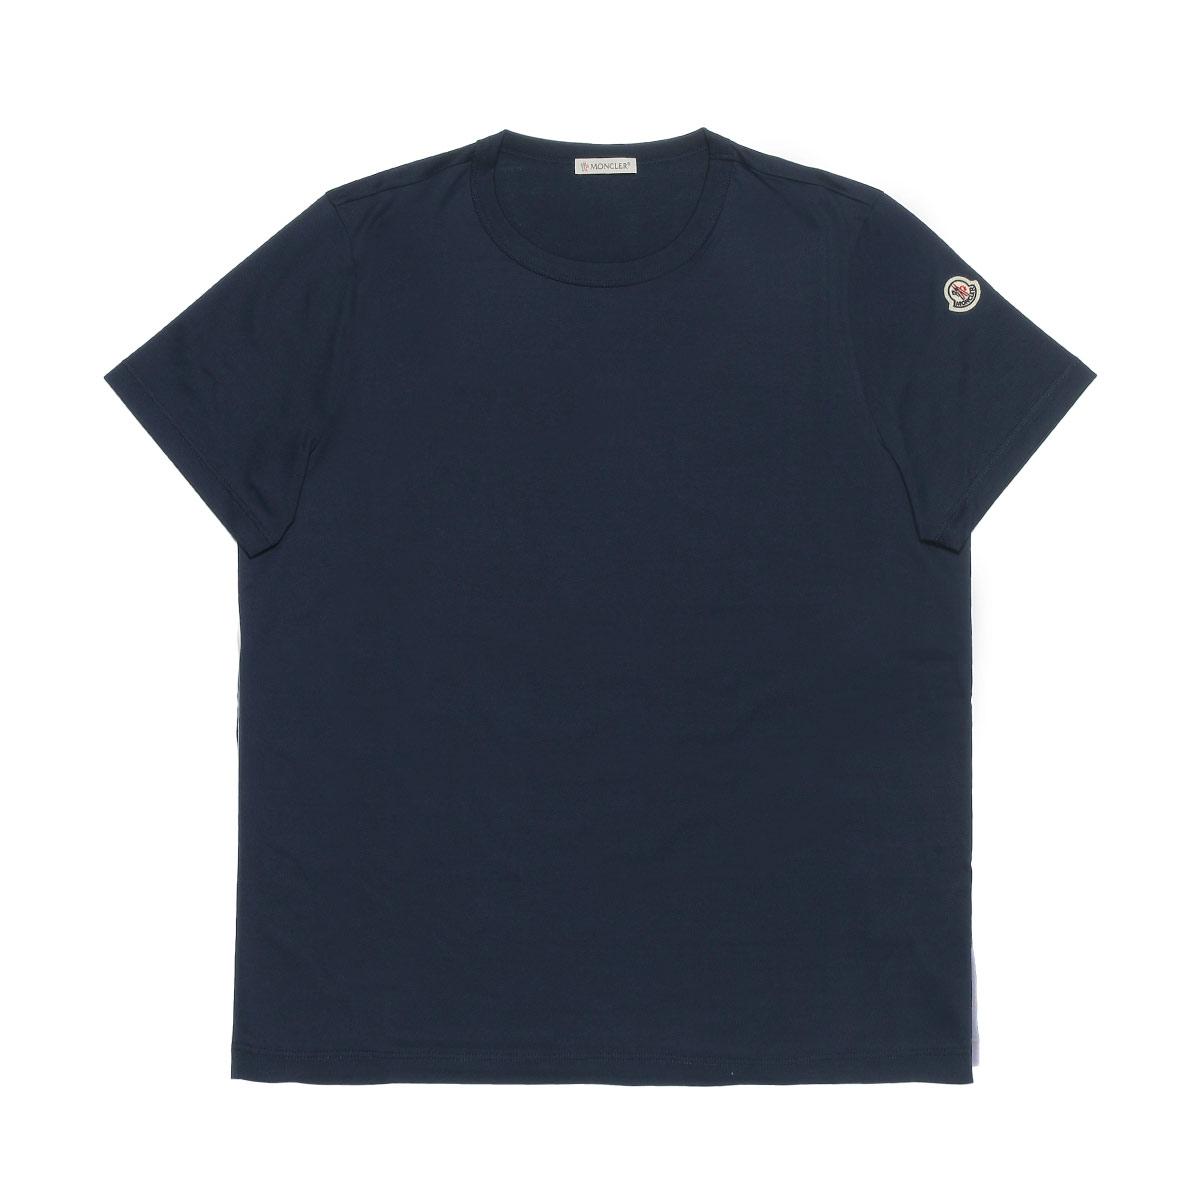 モンクレール MONCLER Tシャツ レディース 8083400 8390X 778 半袖Tシャツ NAVY ダークブルー